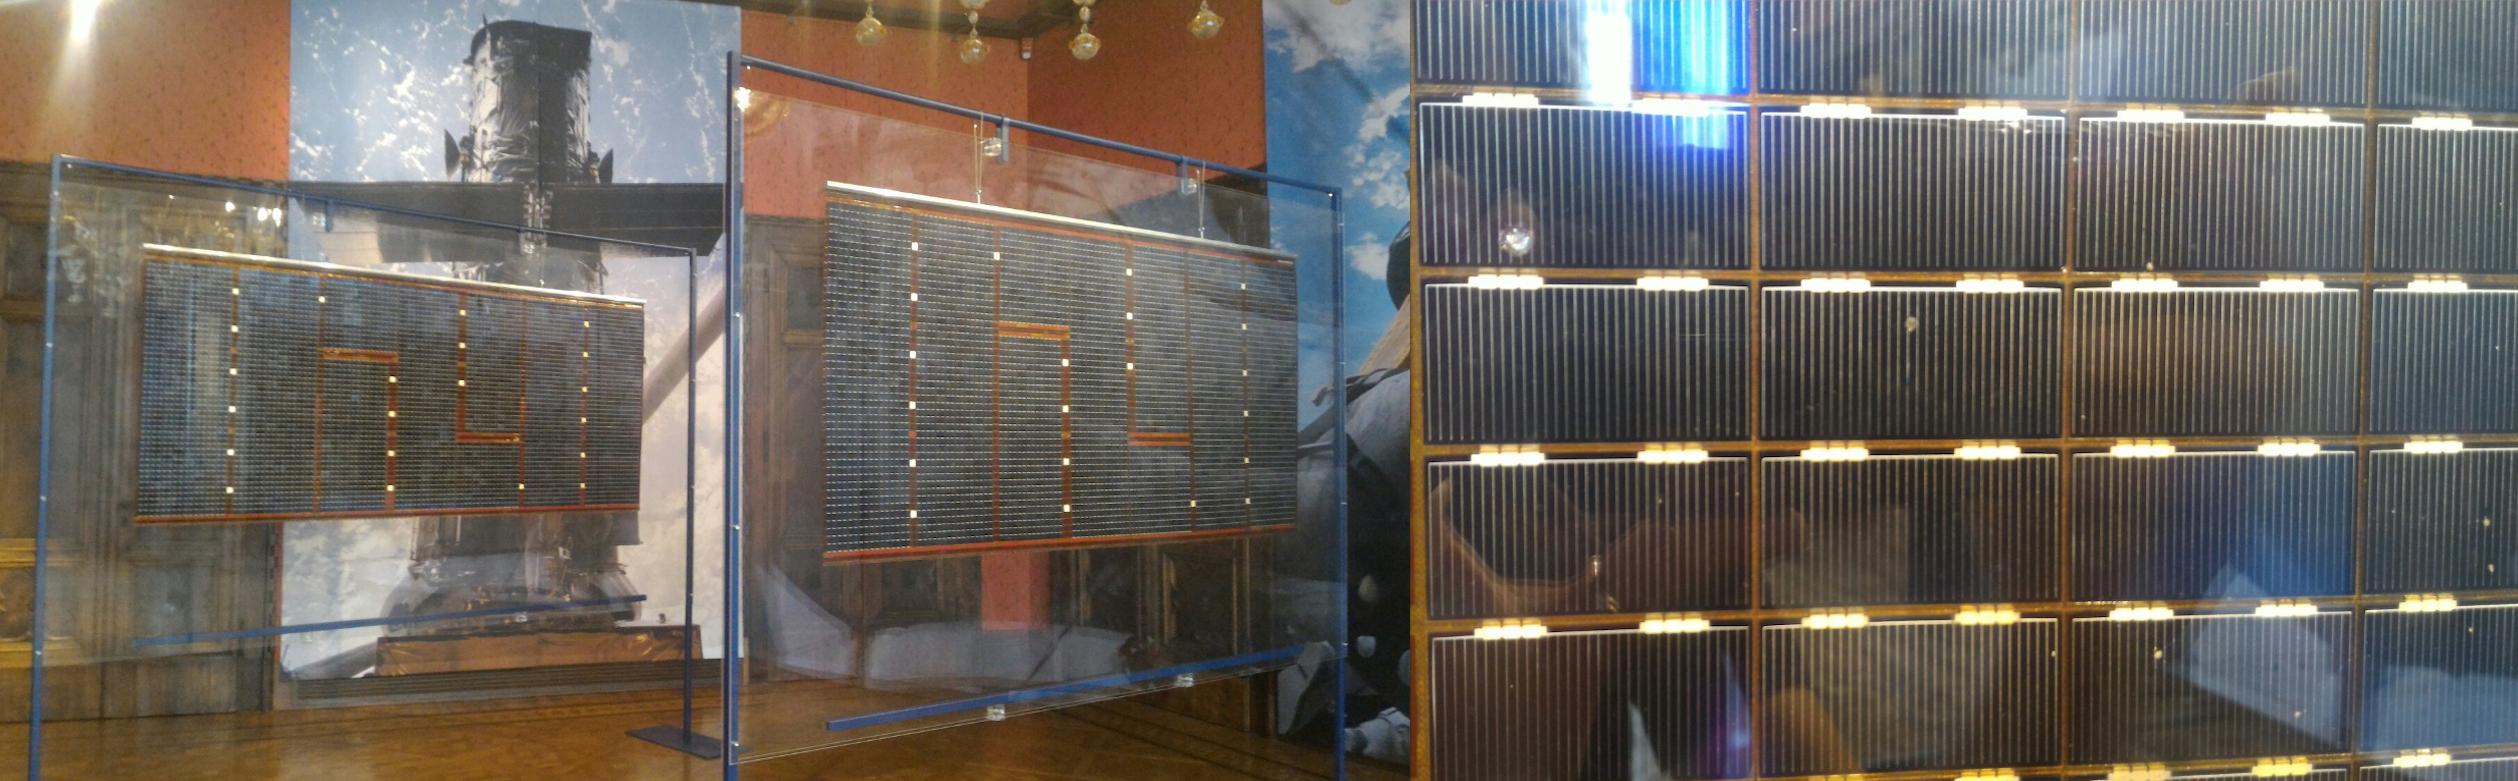 I pannelli solari originali di Hubble